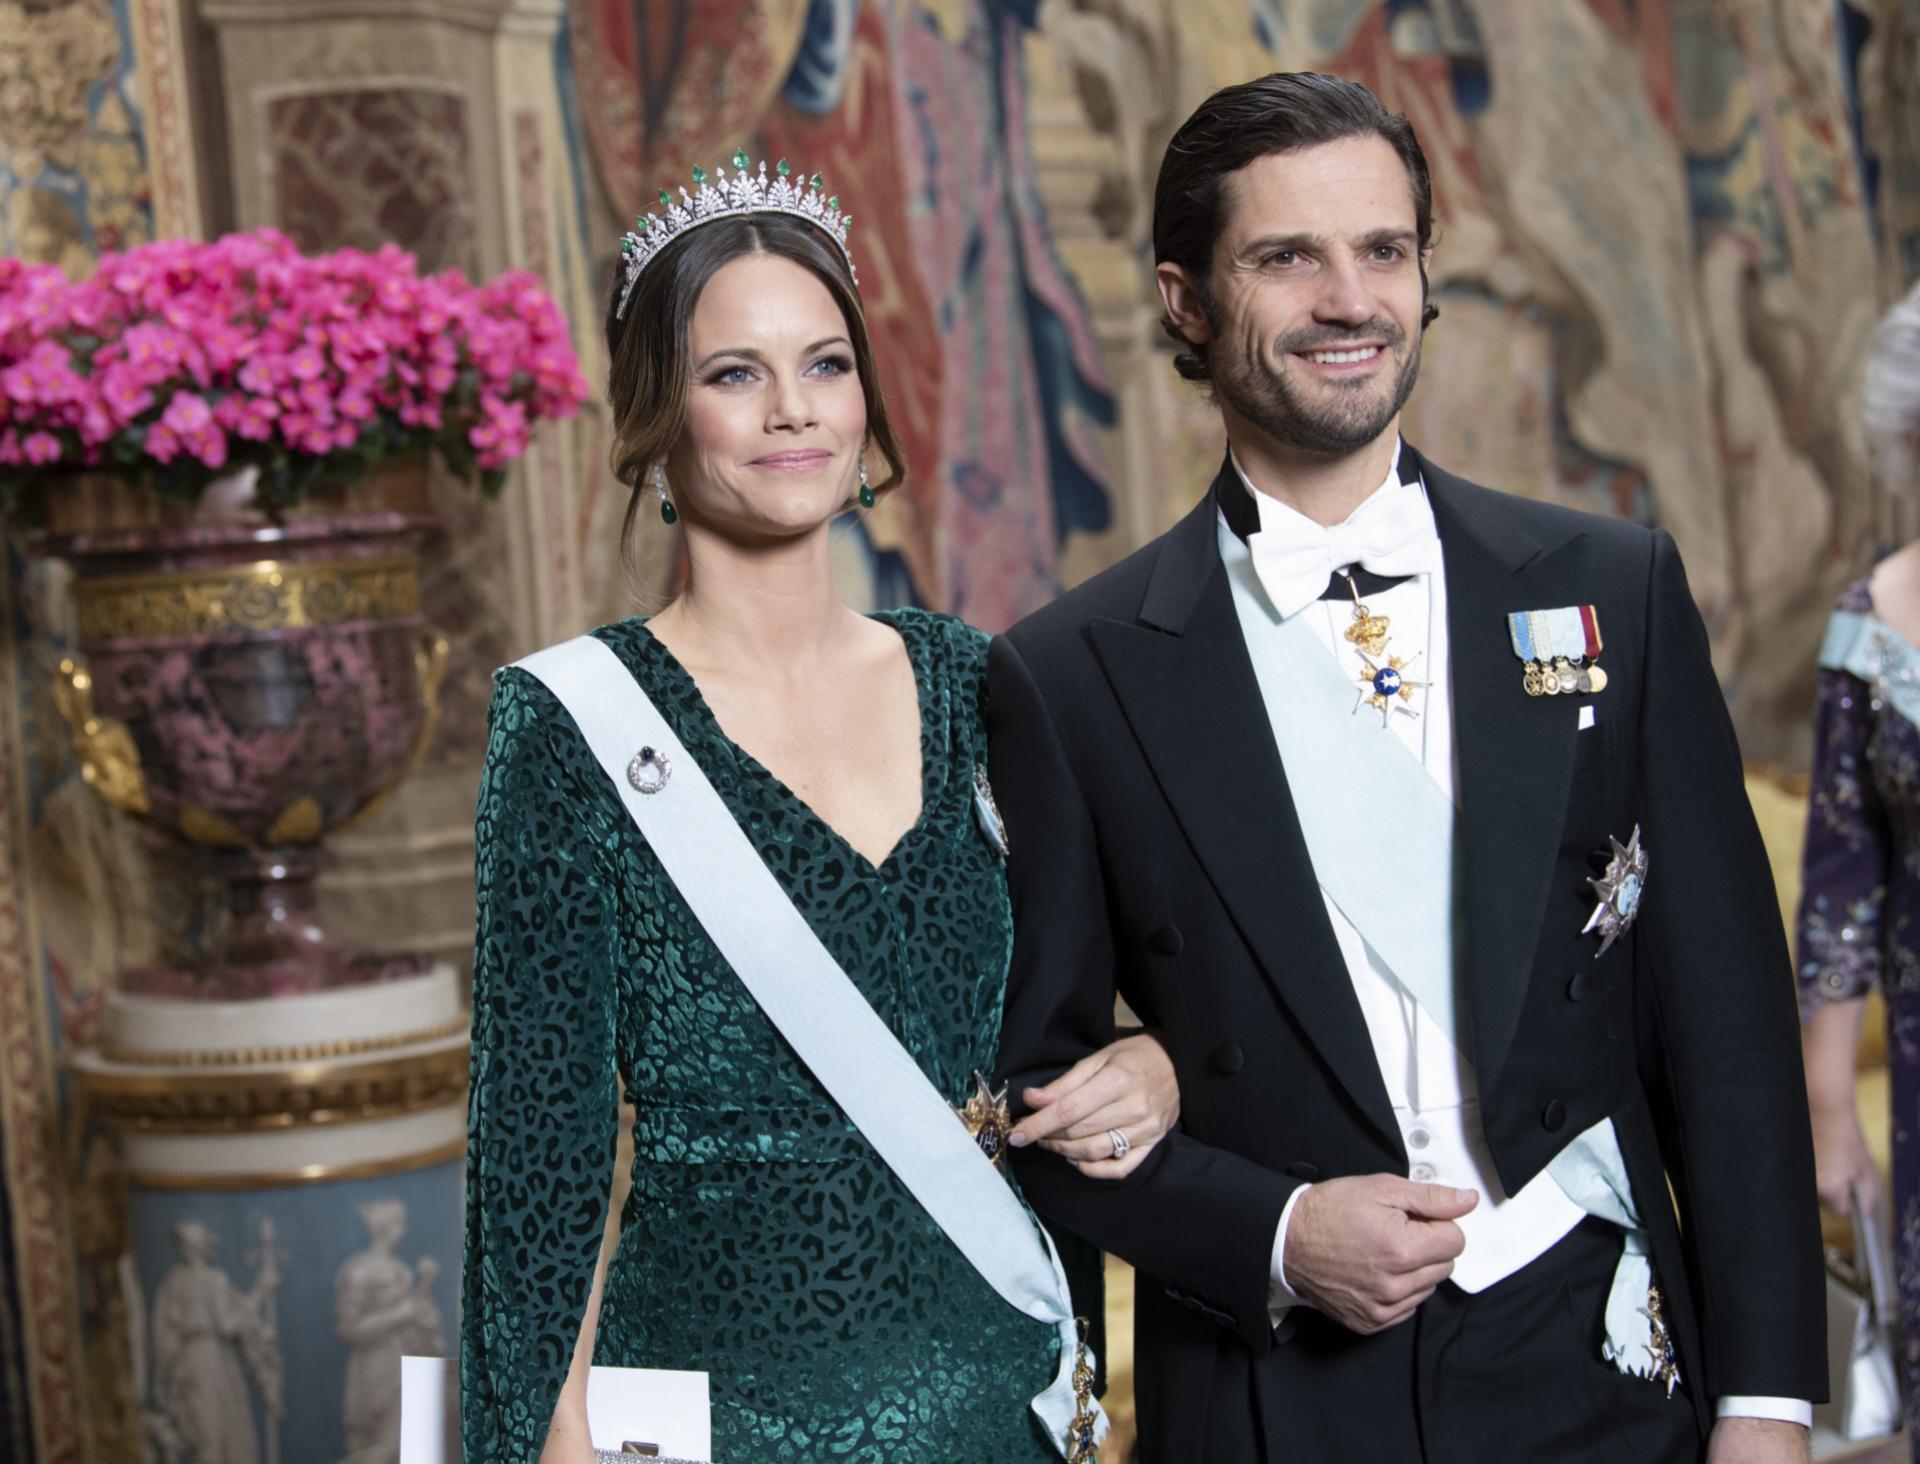 Carlos Felipe y Sofía en una cena de gala en el palacio de Estocolmo.